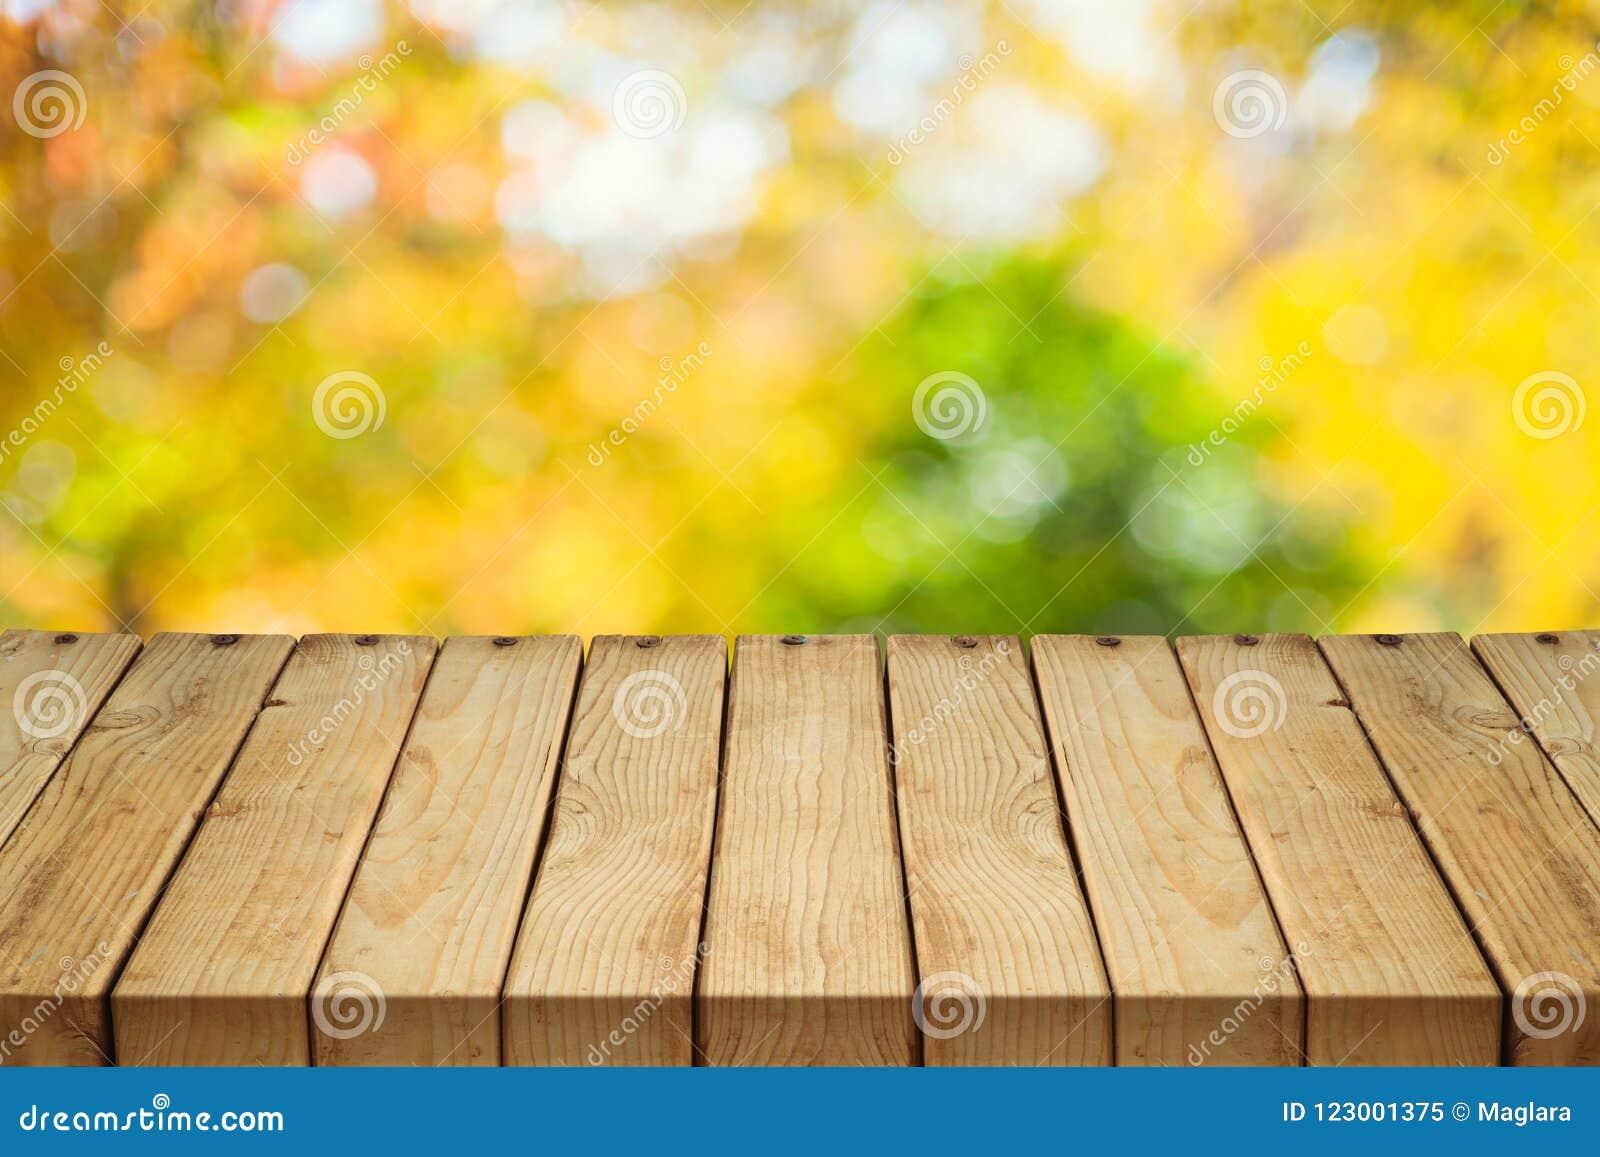 Leerer Holztisch über Herbstnatur bokeh